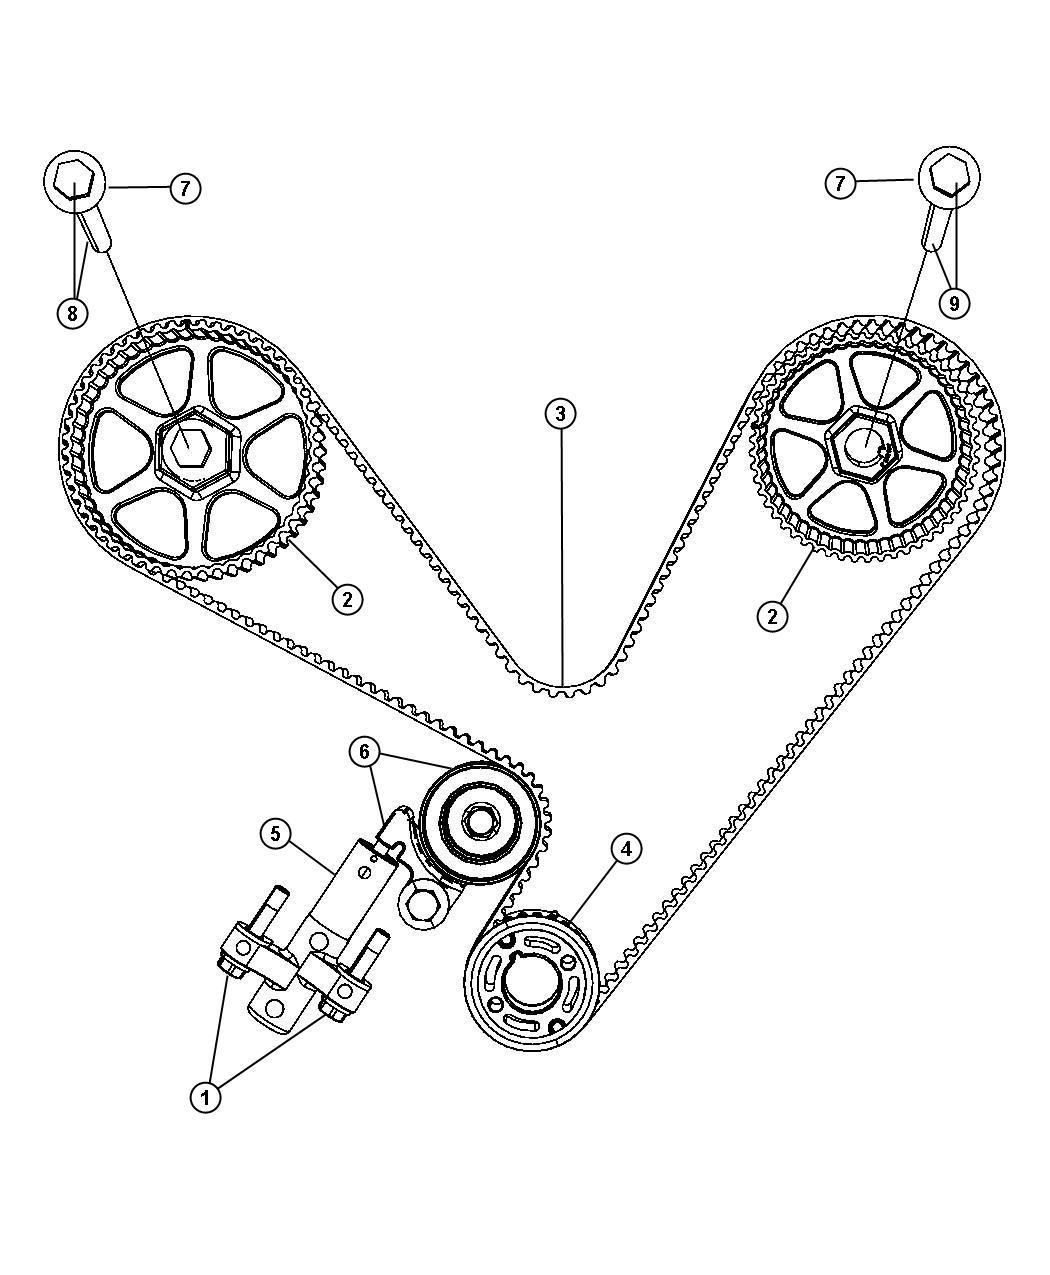 Timing System 4 0l 4 0l V6 Sohc Engine